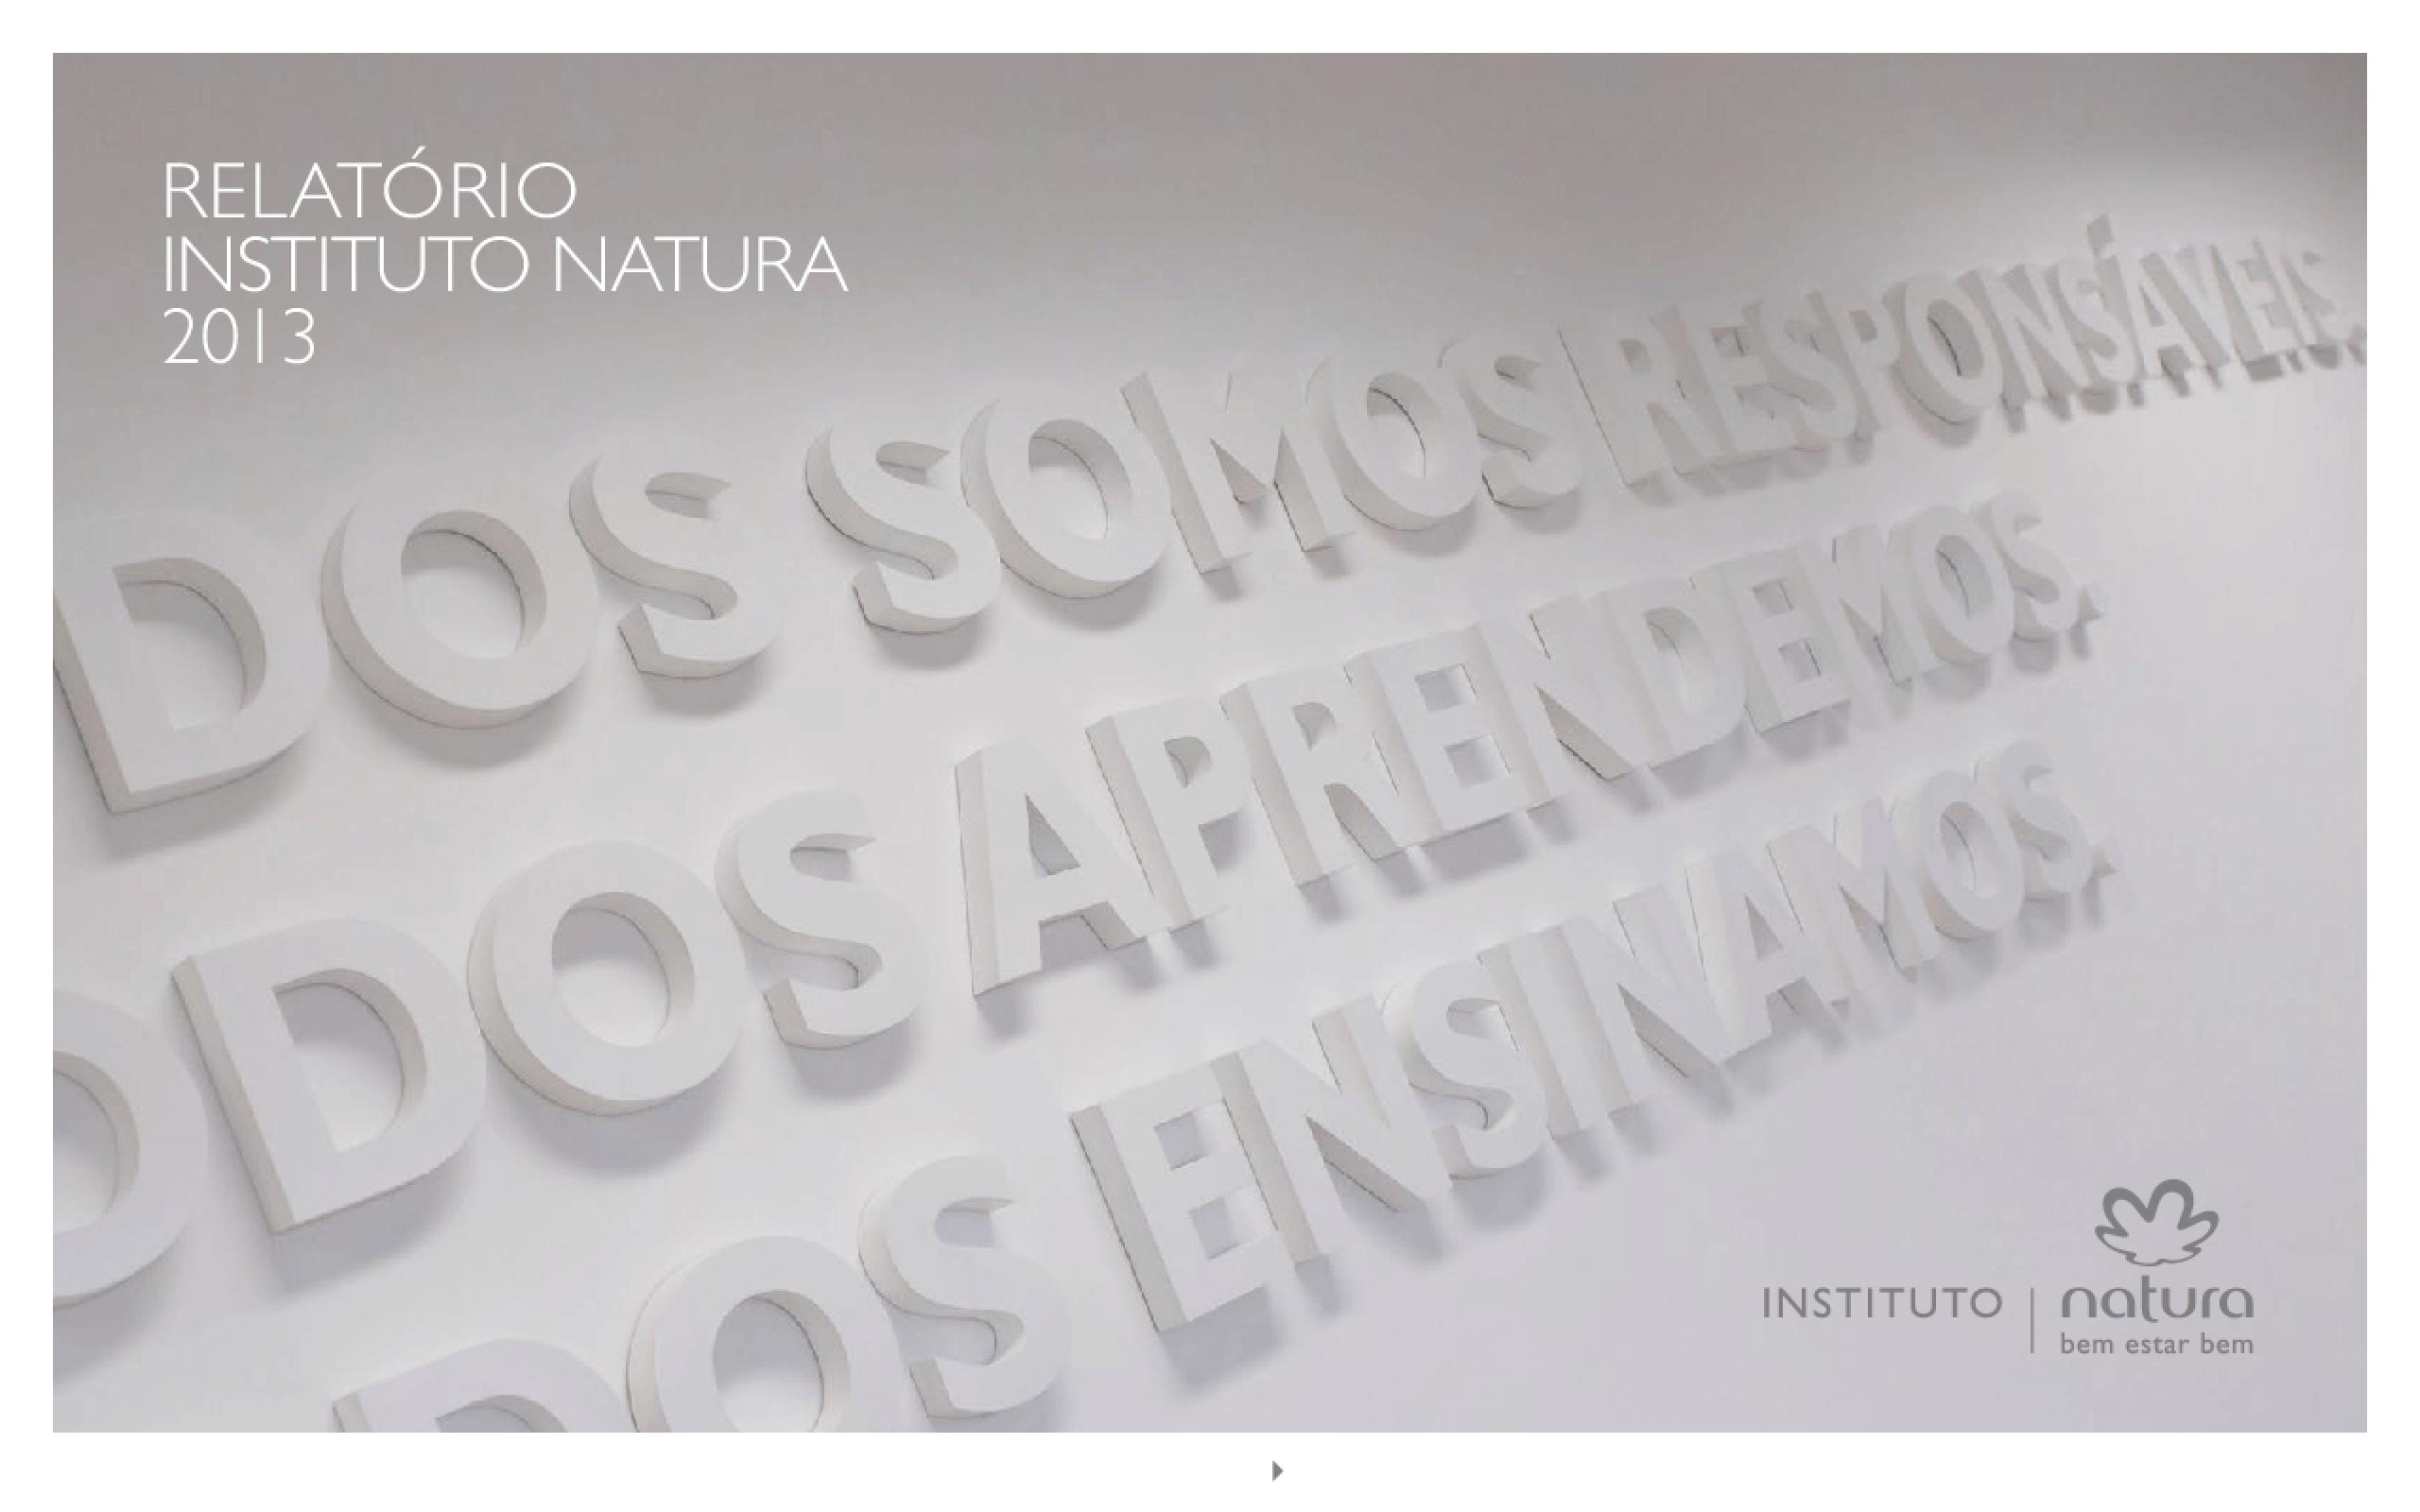 Relatório anual 2013 - Instituto Natura